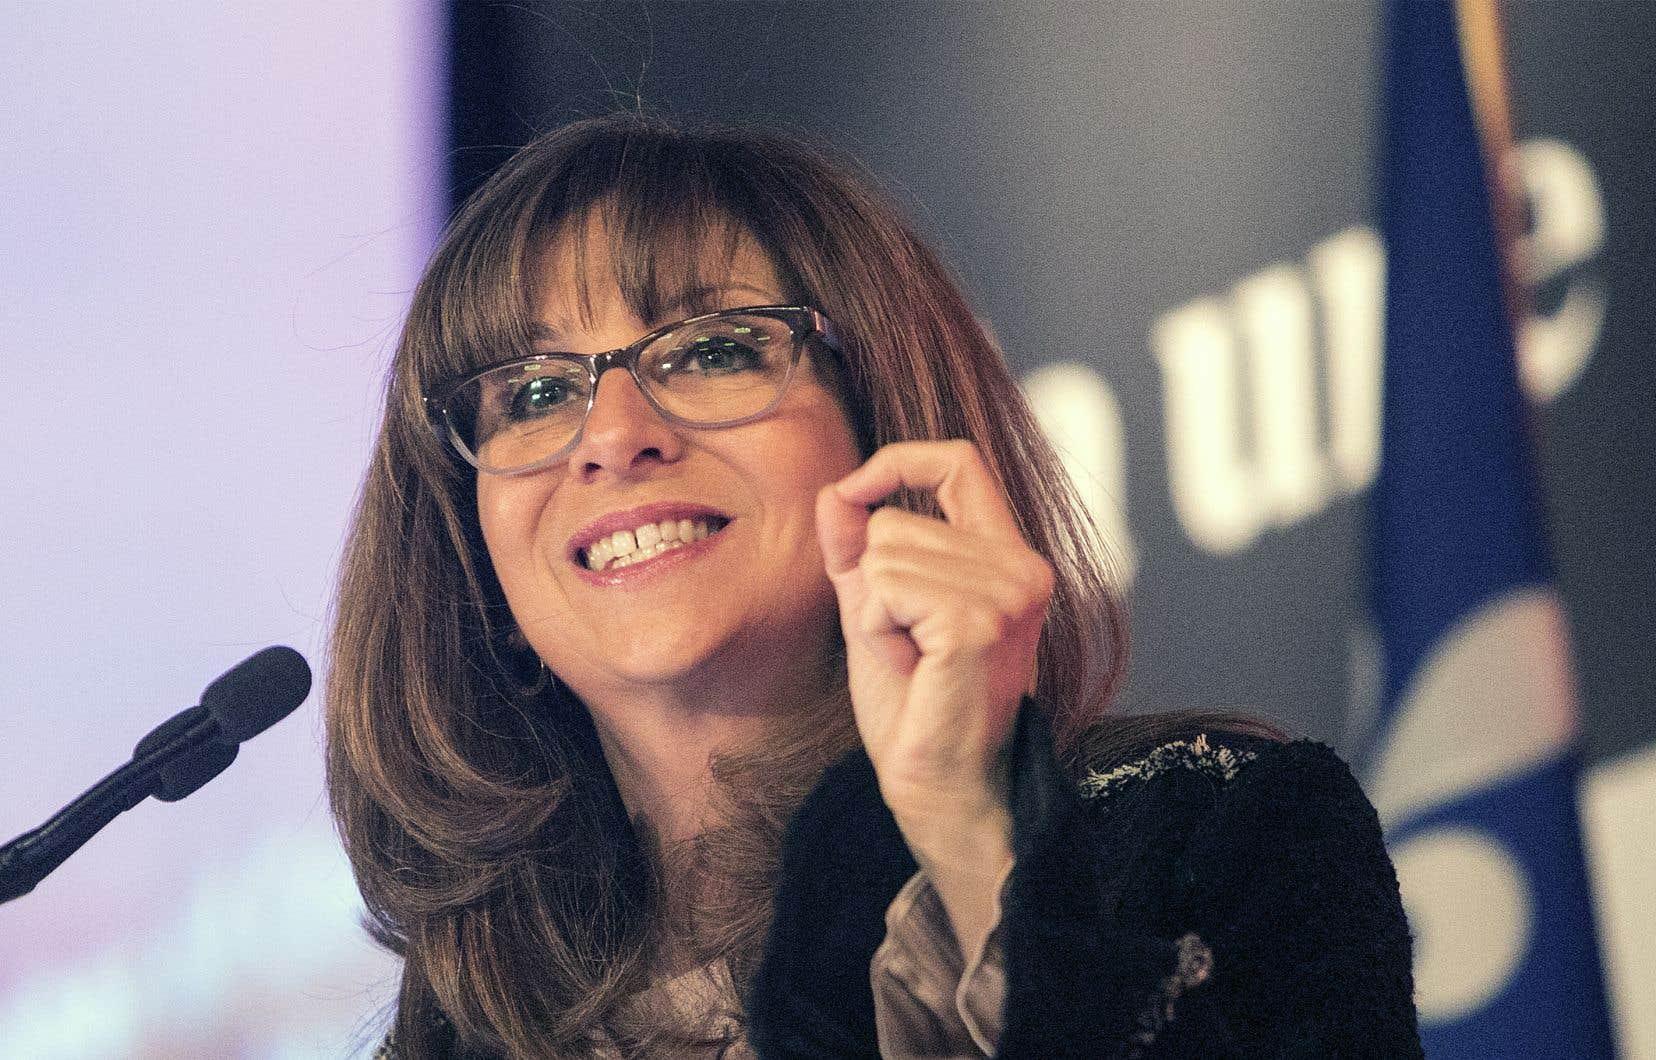 Nathalie Roy a décrit comme «quelque chose d'intéressant» la taxe française de 2% sur le chiffre d'affaires réalisé dans l'Hexagone par les plateformes numériques, dont les revenus sont remis à l'industrie cinématographique française.